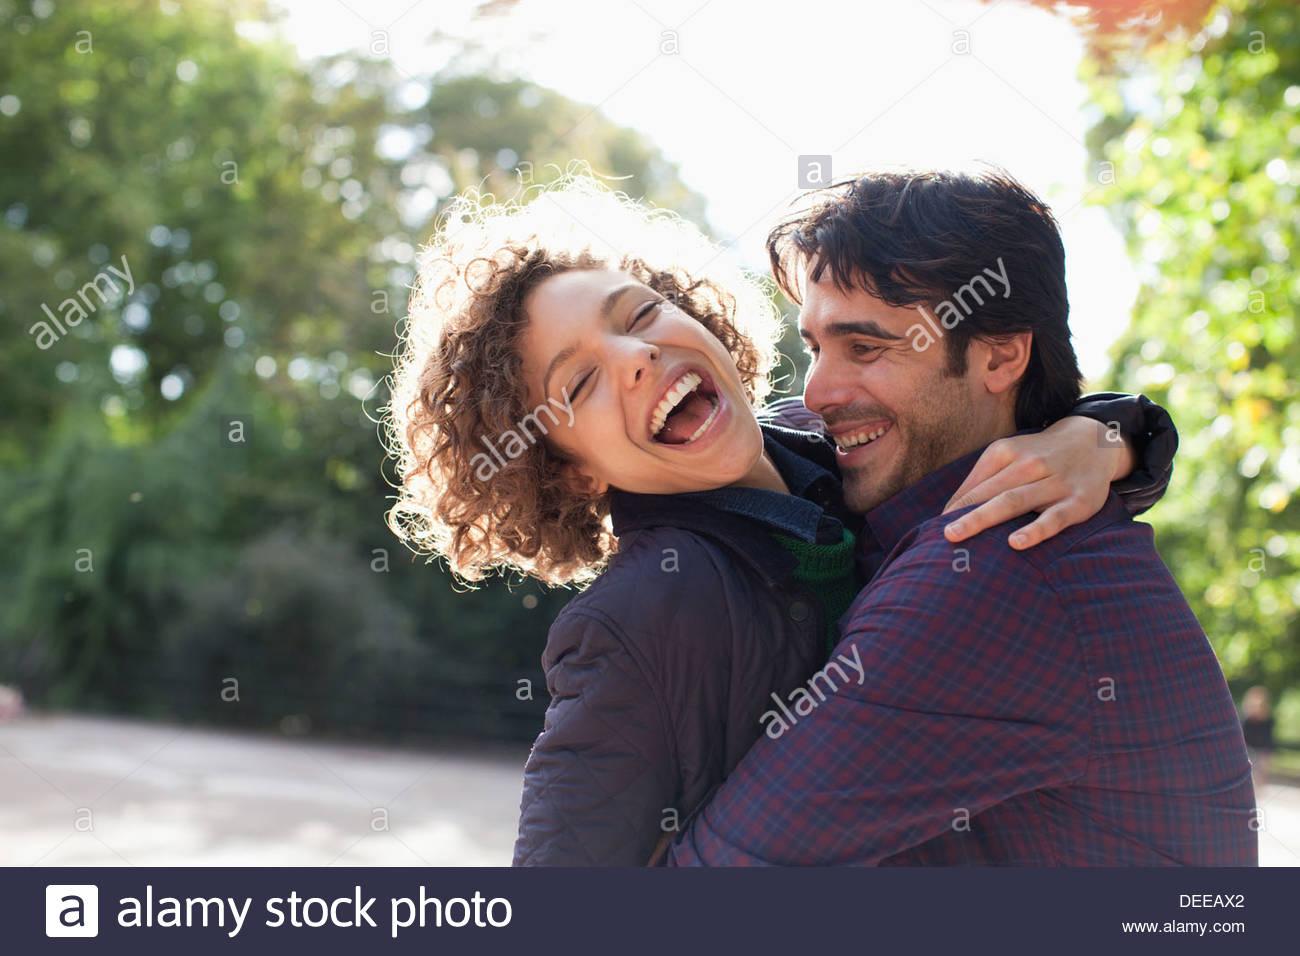 Sonne hinter glückliches Paar umarmt Stockbild